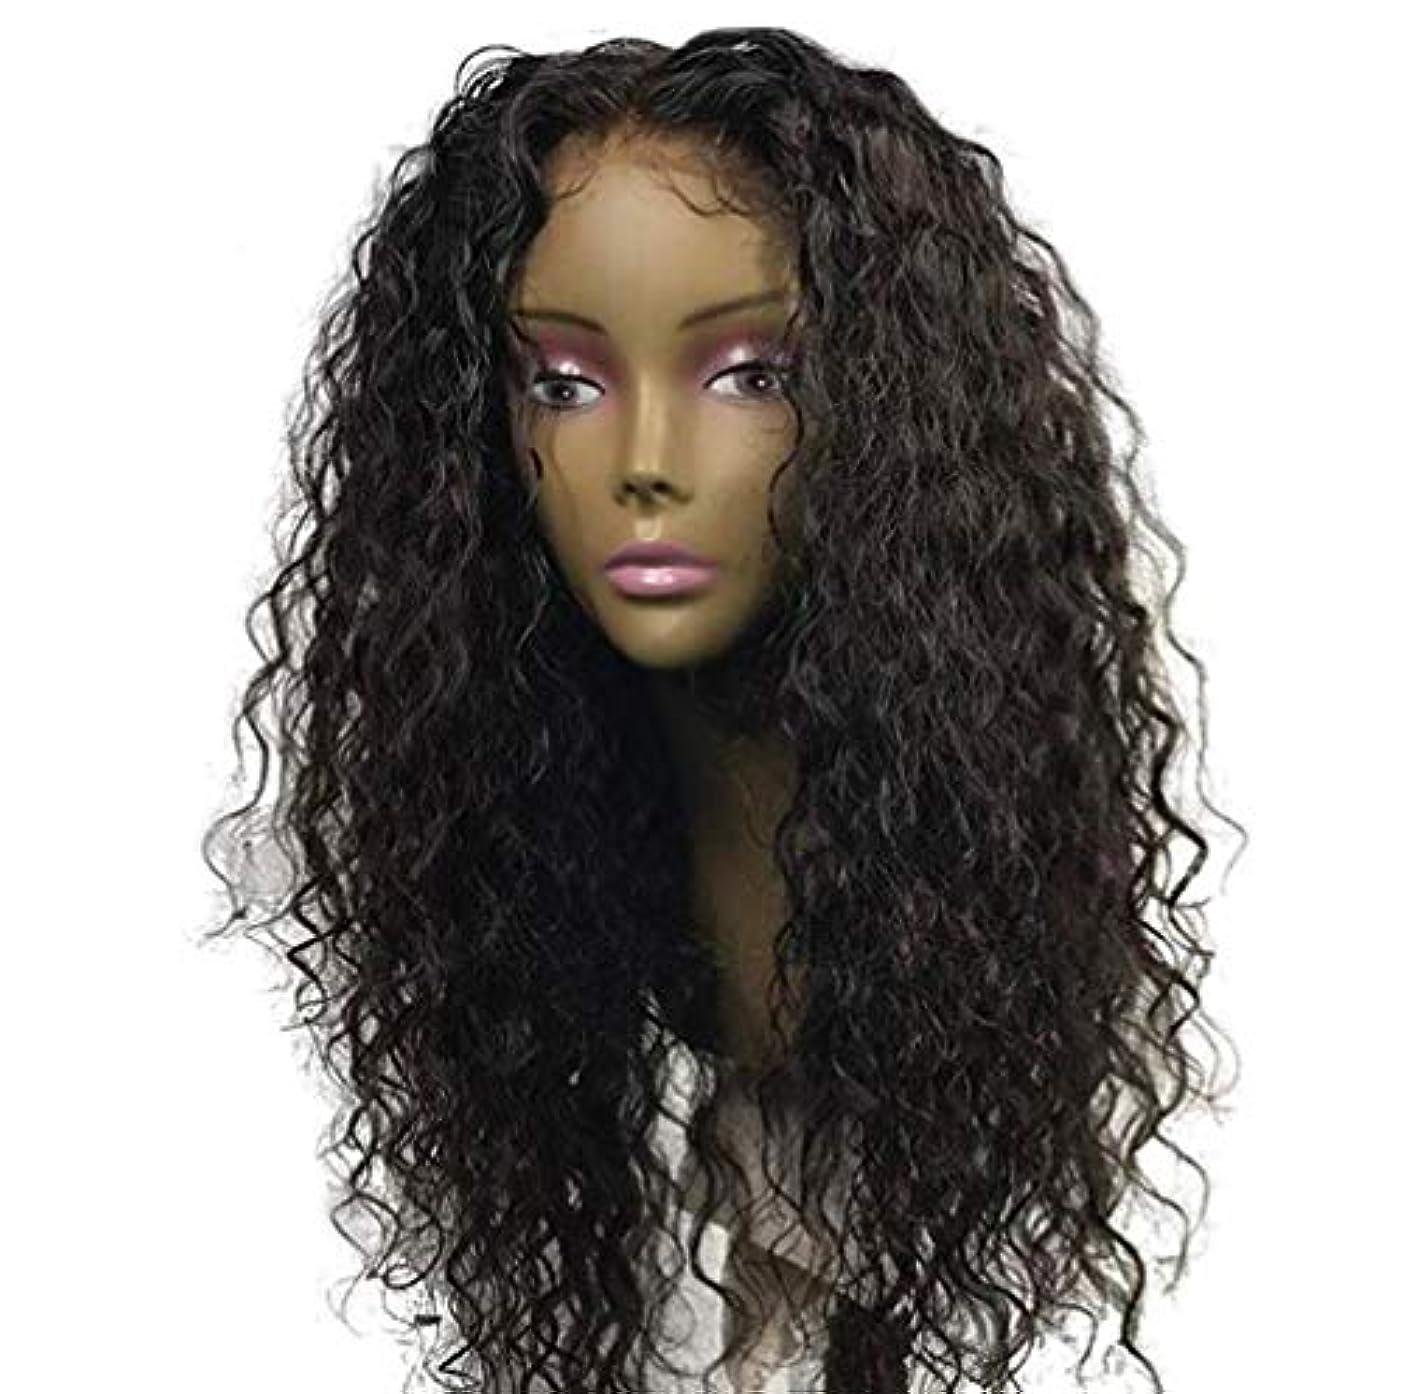 ブランデー賞賛する奴隷女性ブラジルレミー深い波髪かつら150%密度レースフロント人毛ウィッグベビー毛黒55センチ